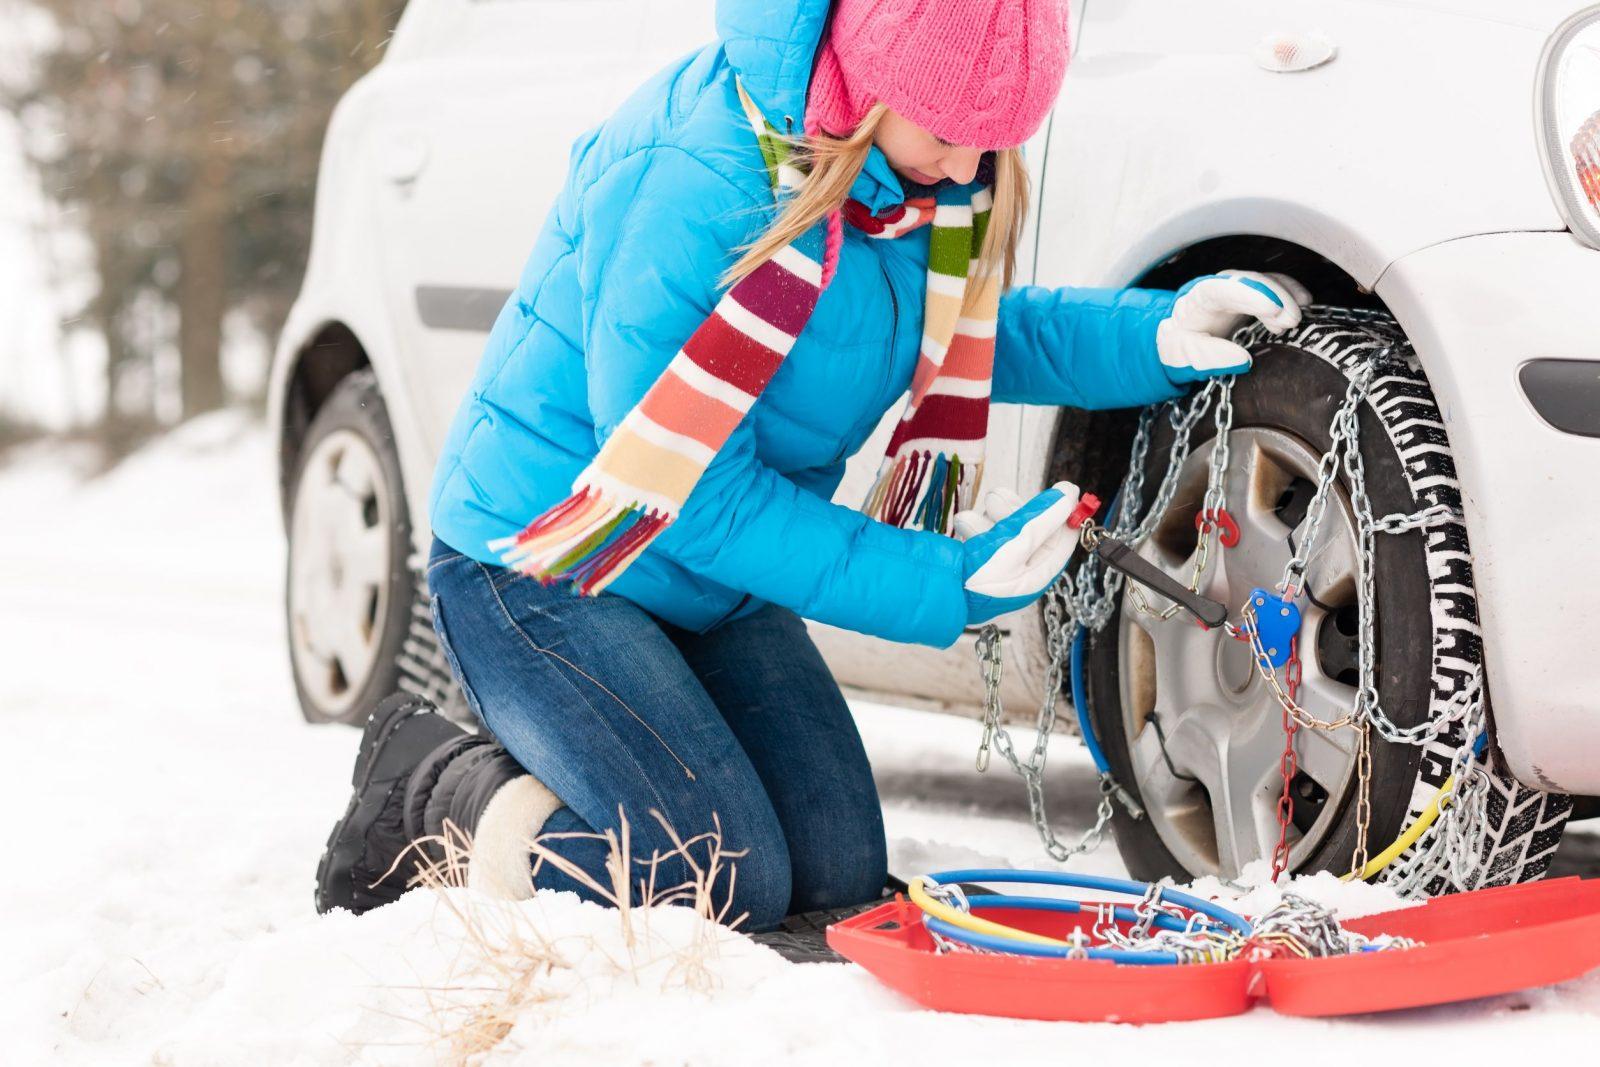 Cómo Colocar Cadenas De Nieve